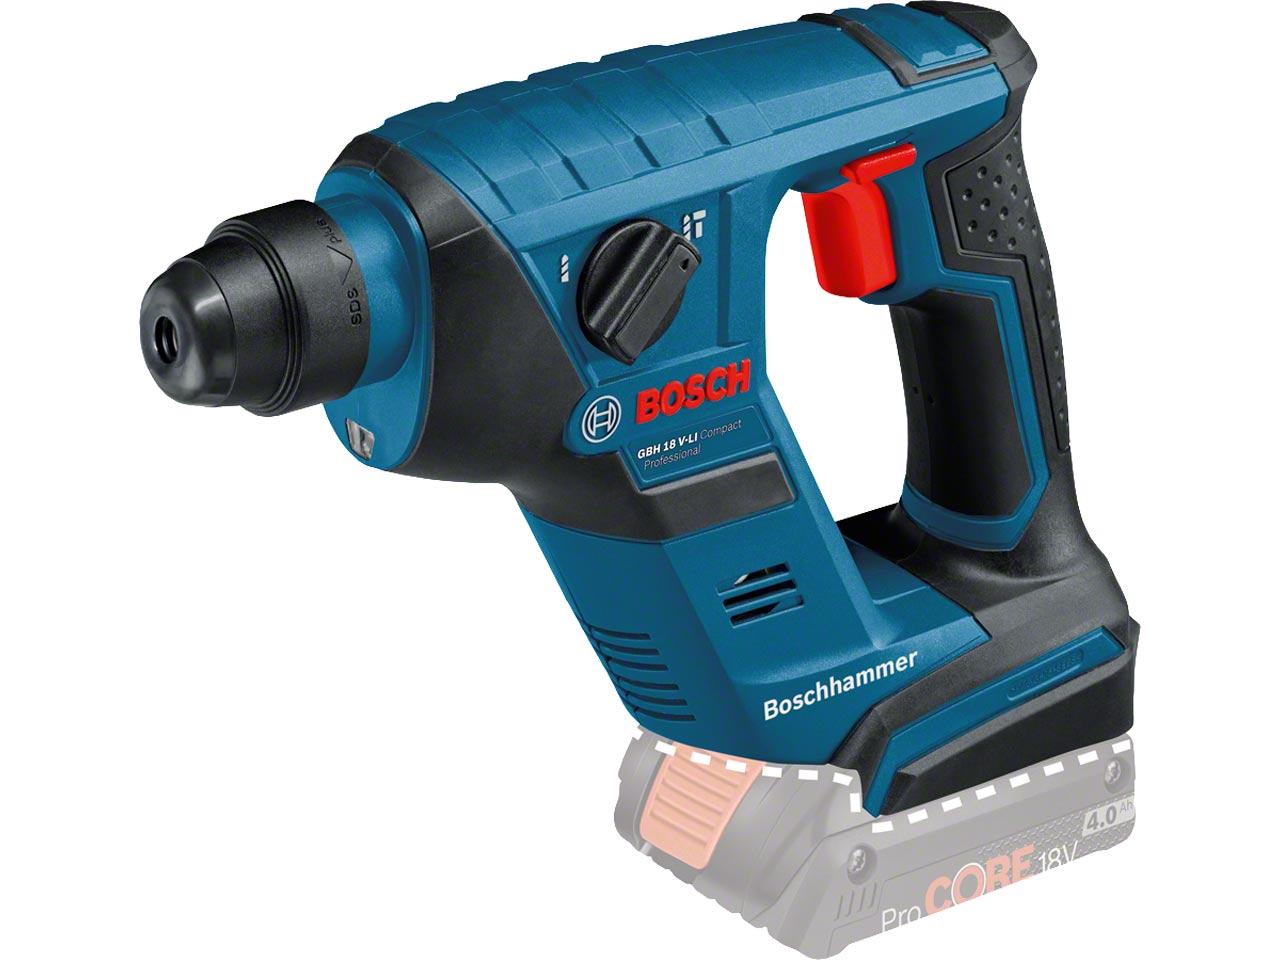 Bosch_0611905300v2.jpg